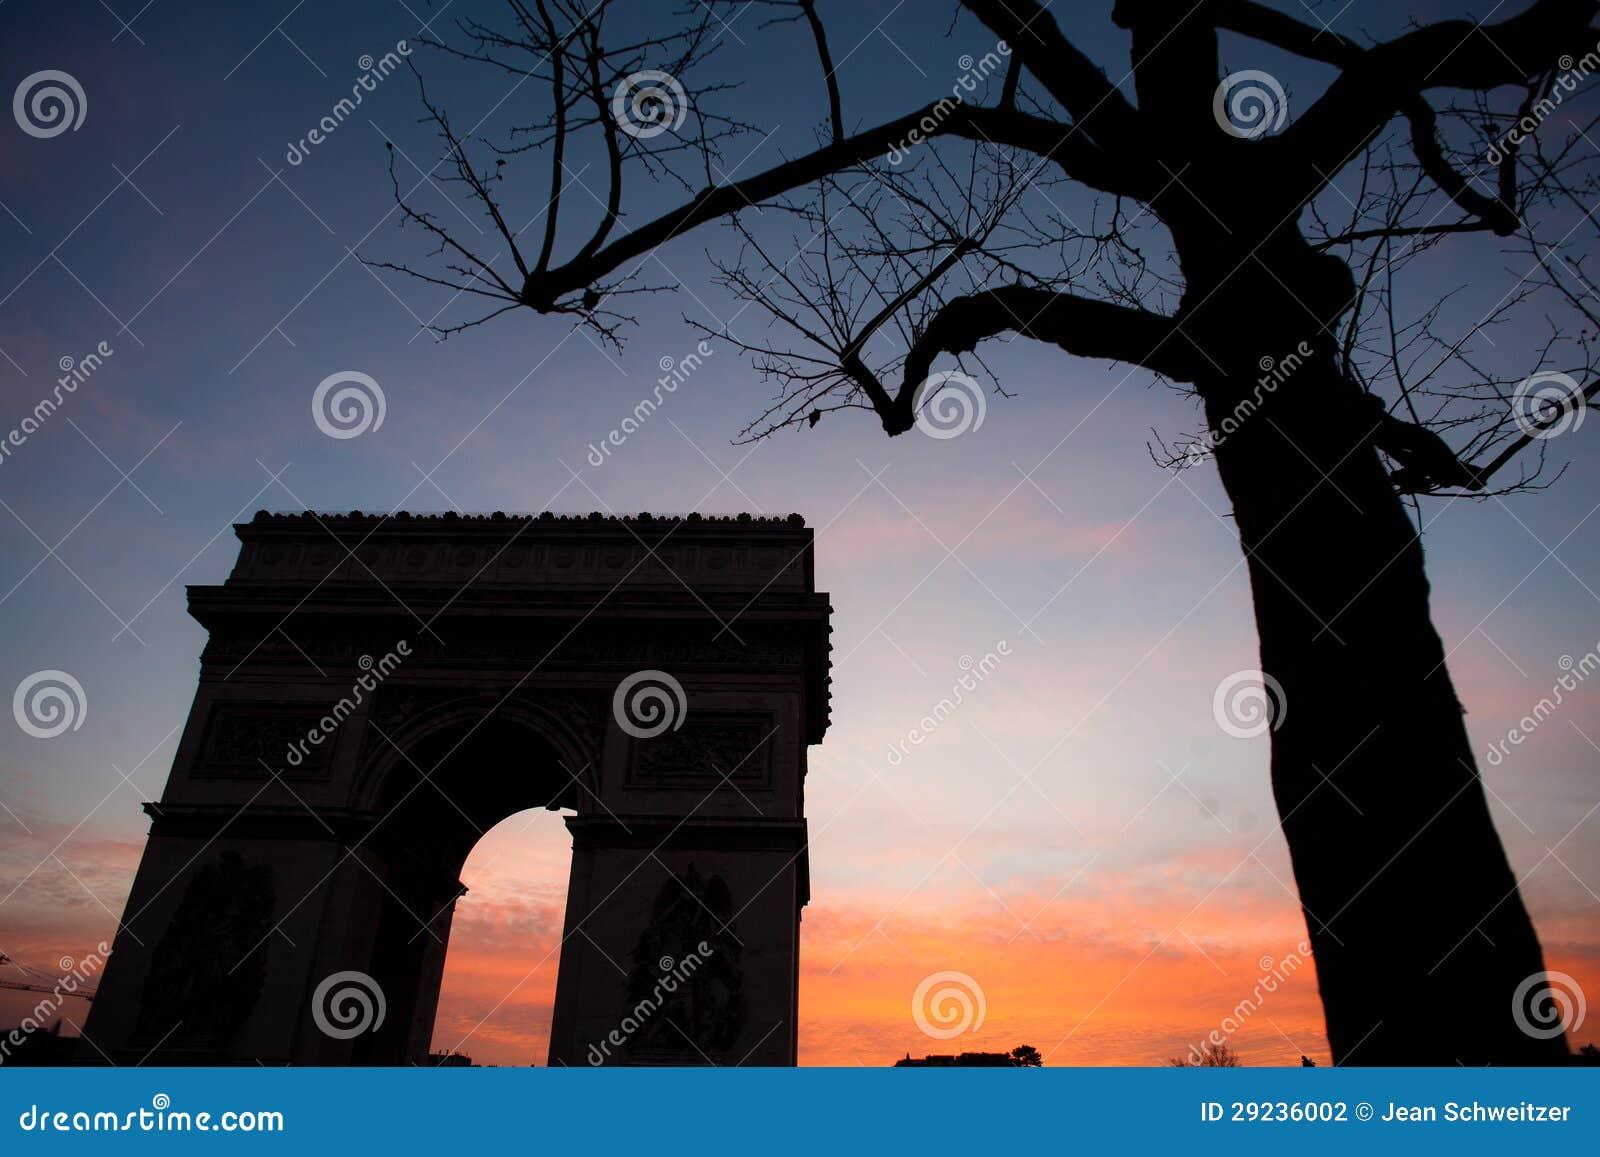 Download Paris etoile fotografia editorial. Imagem de paris, tourism - 29236002